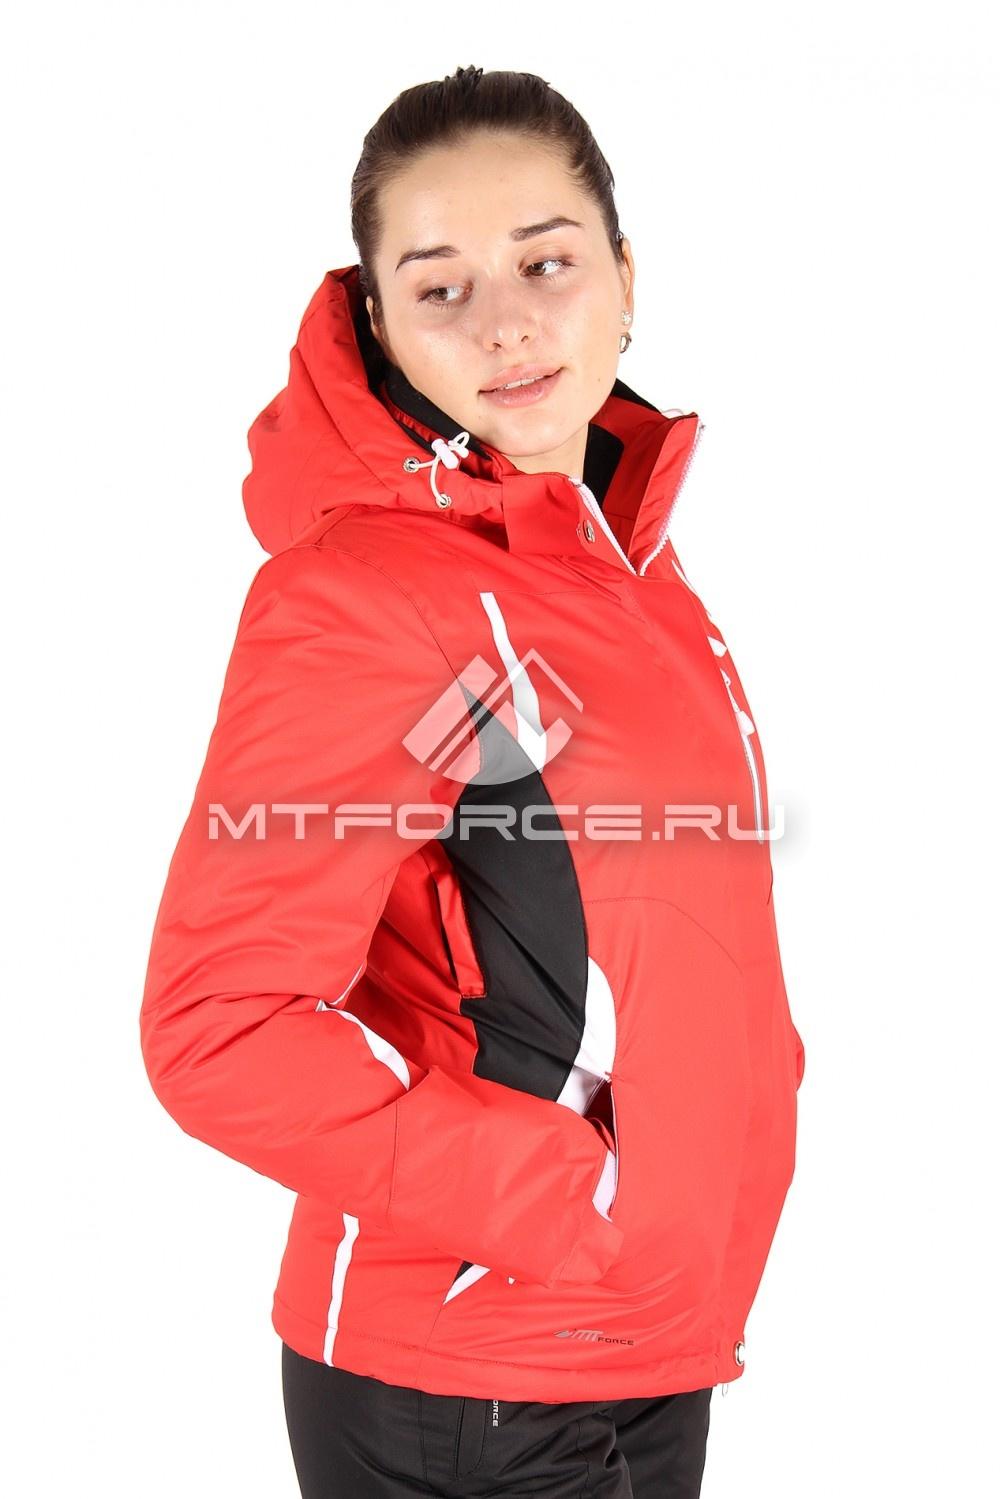 Купить оптом Куртка горнолыжная женская красного цвета 1516Kr